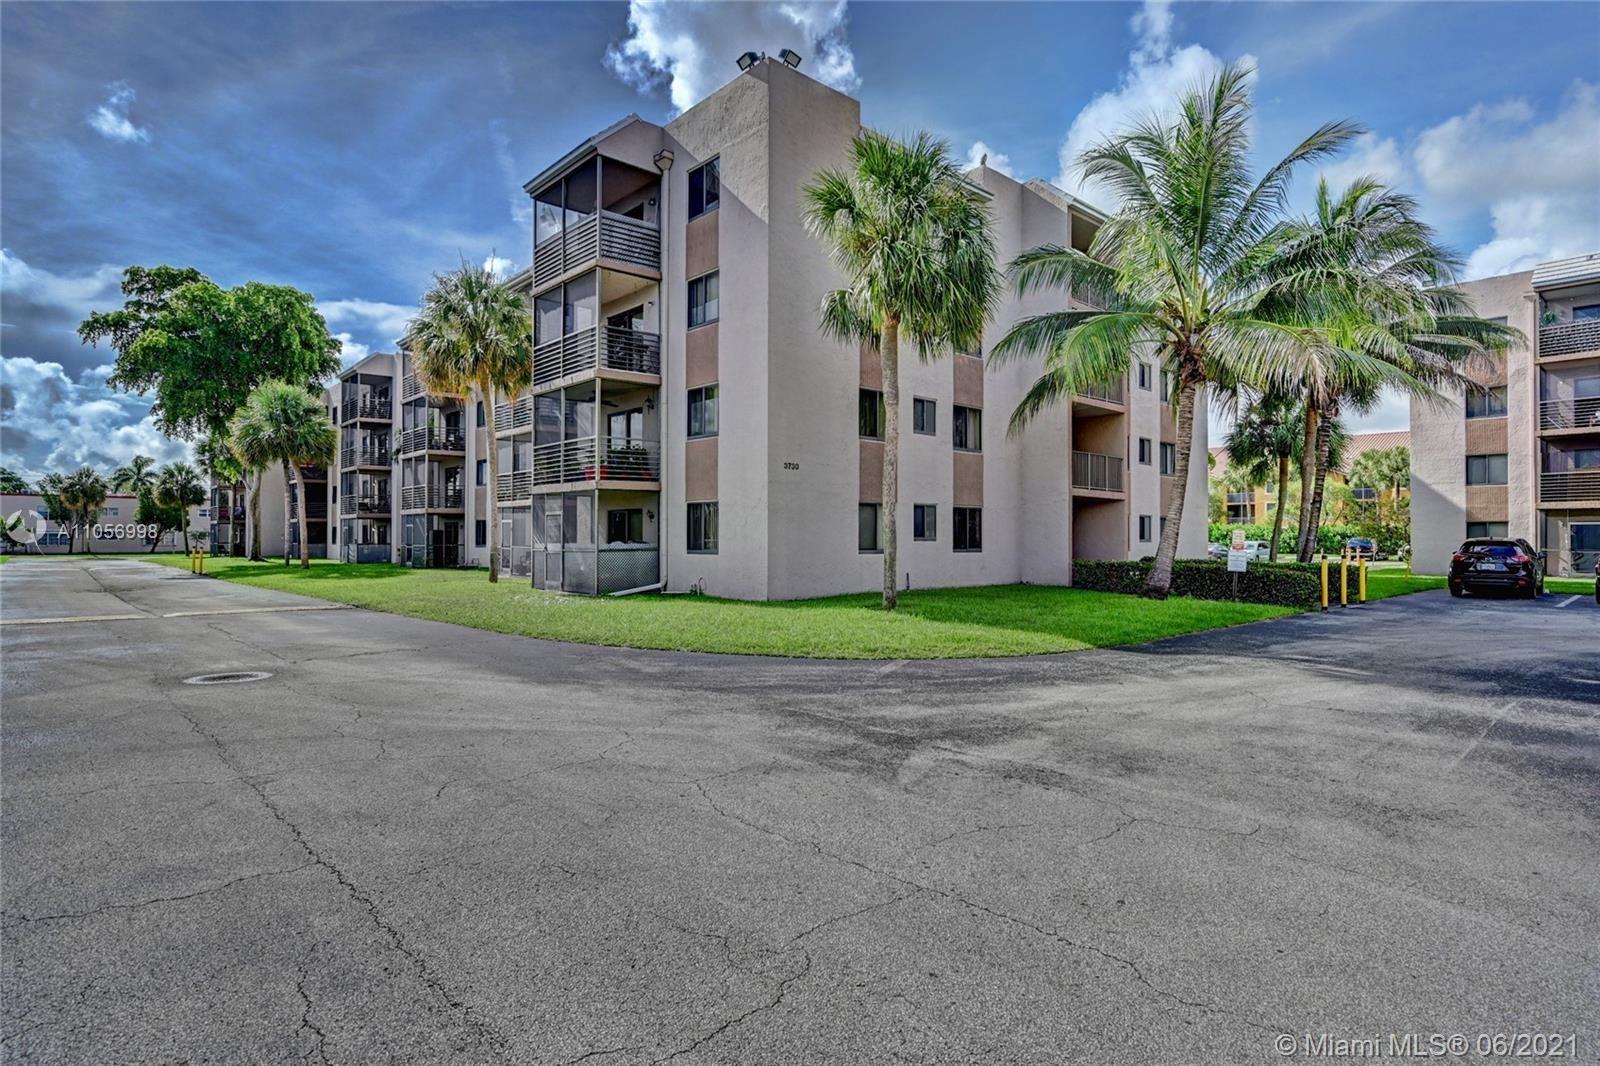 3730 N Pine Island Rd. #146, Sunrise, FL 33351 - #: A11056998